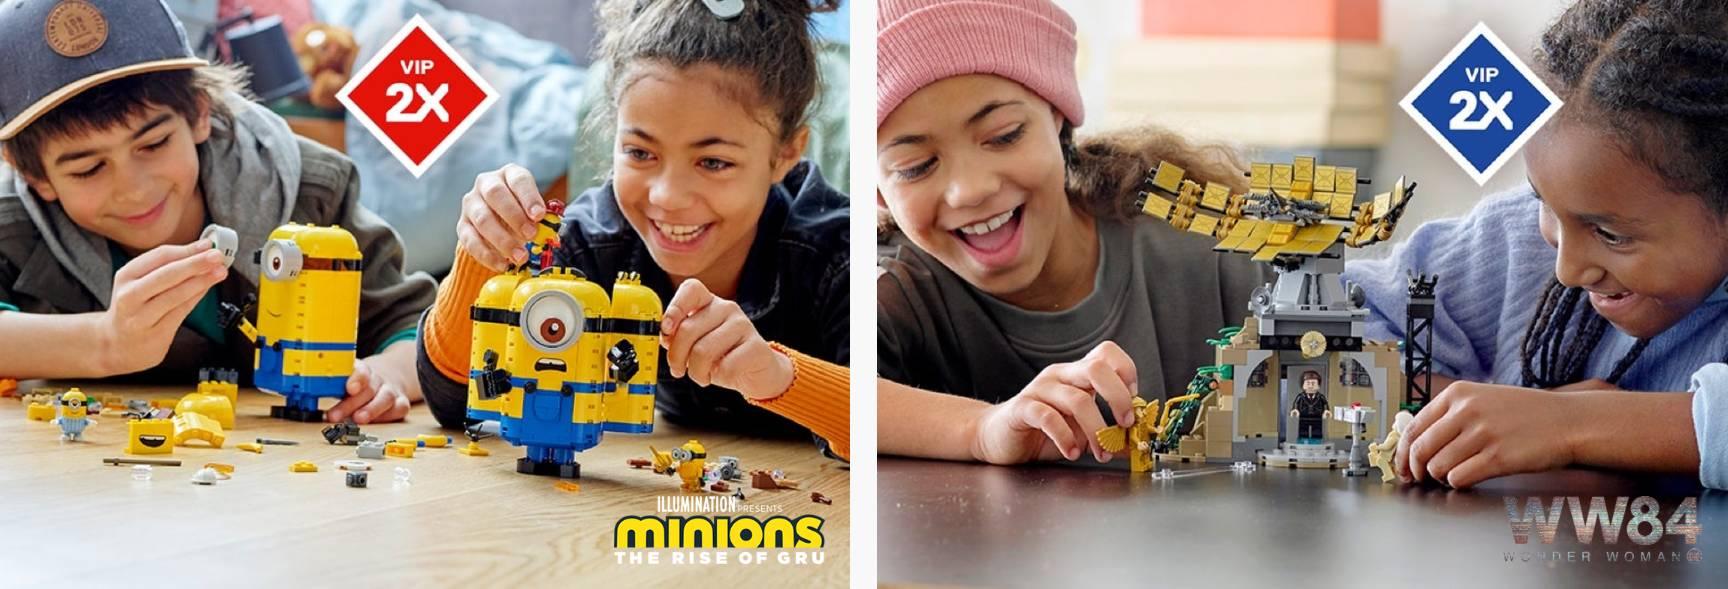 Lego VIP - maggio 1